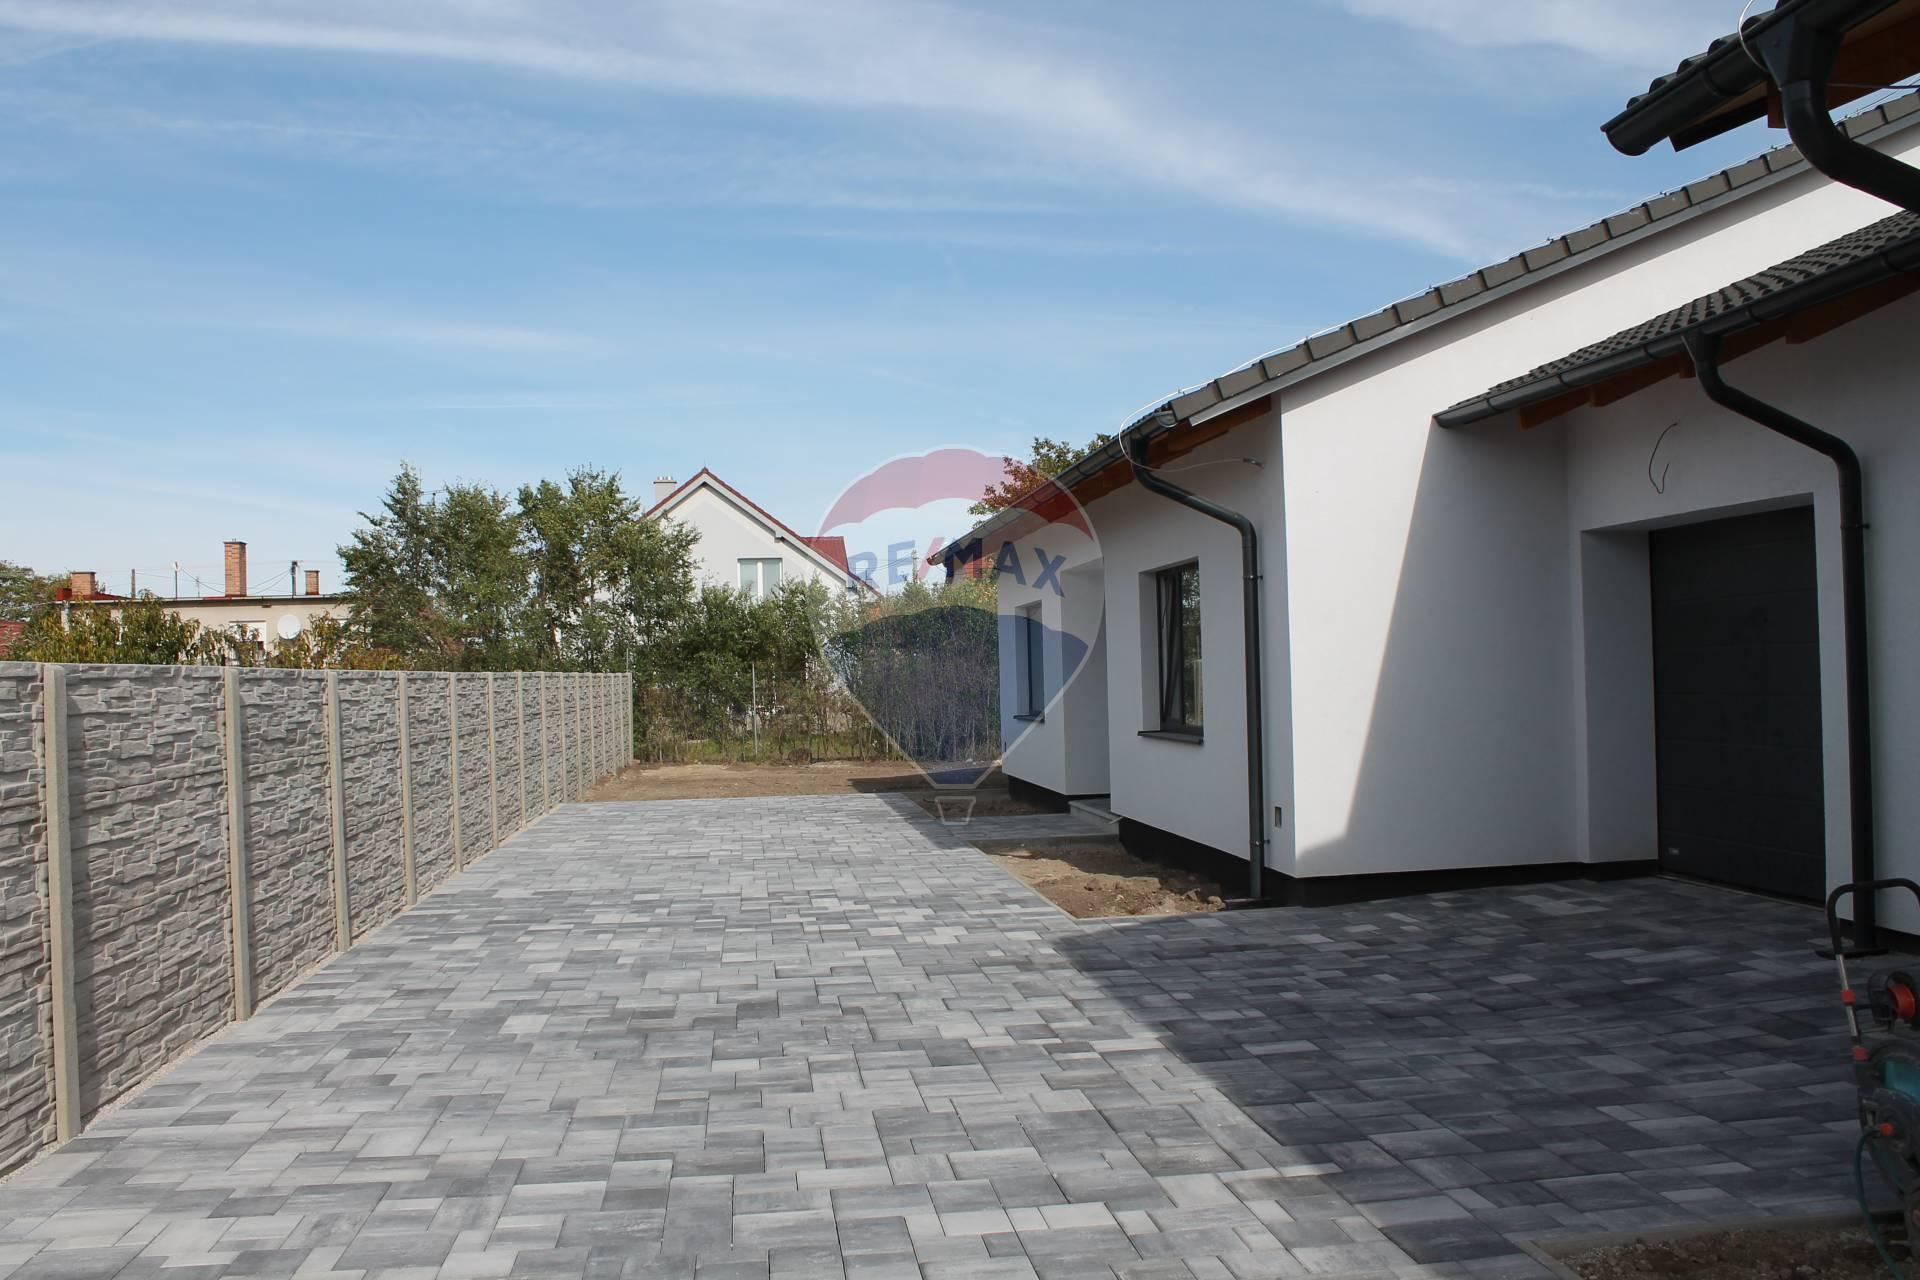 PREDAJ : 4 izb. RD NOVOSTAVBA 120 m2, garáž, pozemok 629 m2, Réca.